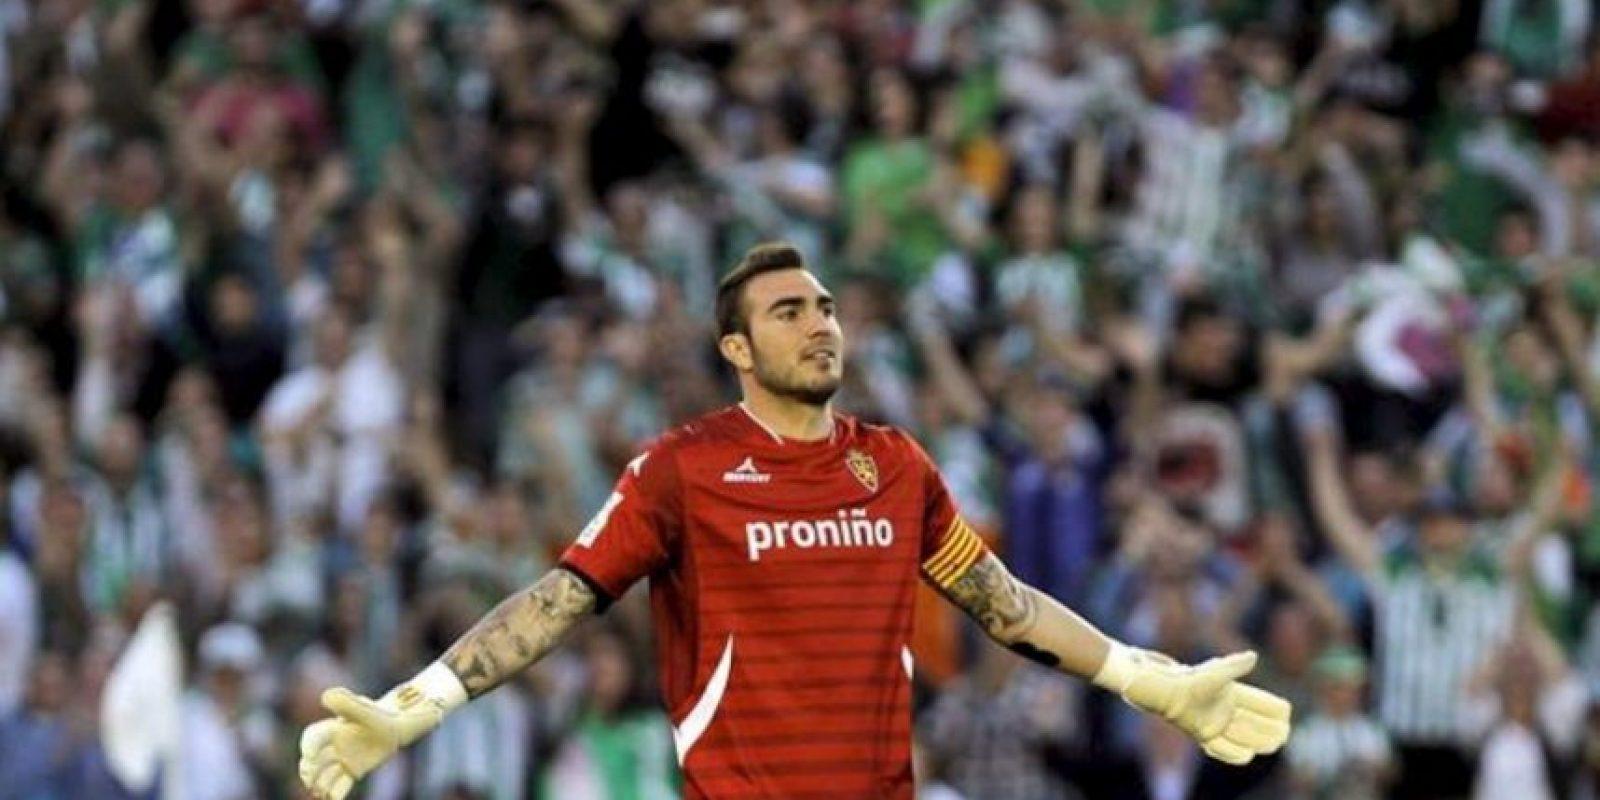 Roberto, portero y capitán del Real Zaragoza, se lamenta tras encajar el cuarto gol del Betis, conseguido por el colombiano Pabón, durante el partido de Liga, correspondiente a la jornada trigésimo séptima en Primera División. EFE